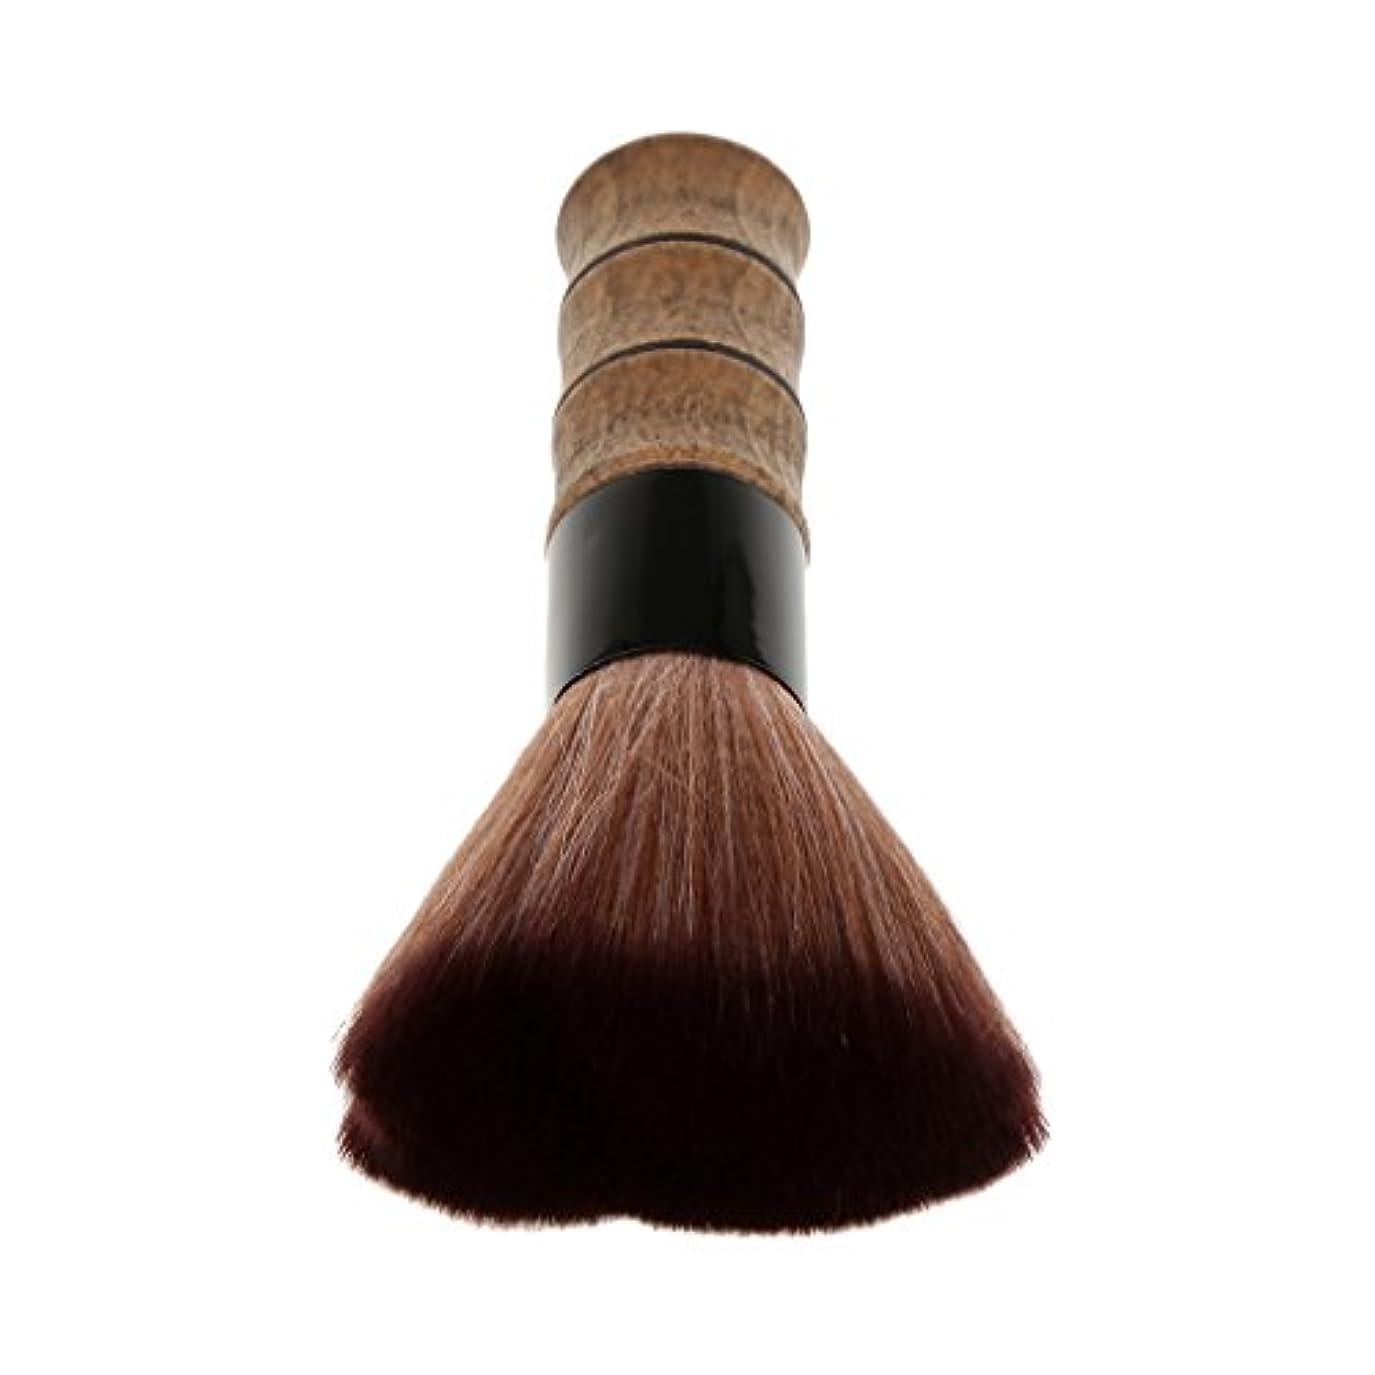 みぞれ不愉快に斧Homyl メイクブラシ シェービングブラシ 超柔らかい 繊維 木製ハンドル 泡立ち 快適 洗顔 プレゼント 2色選べる  - 褐色